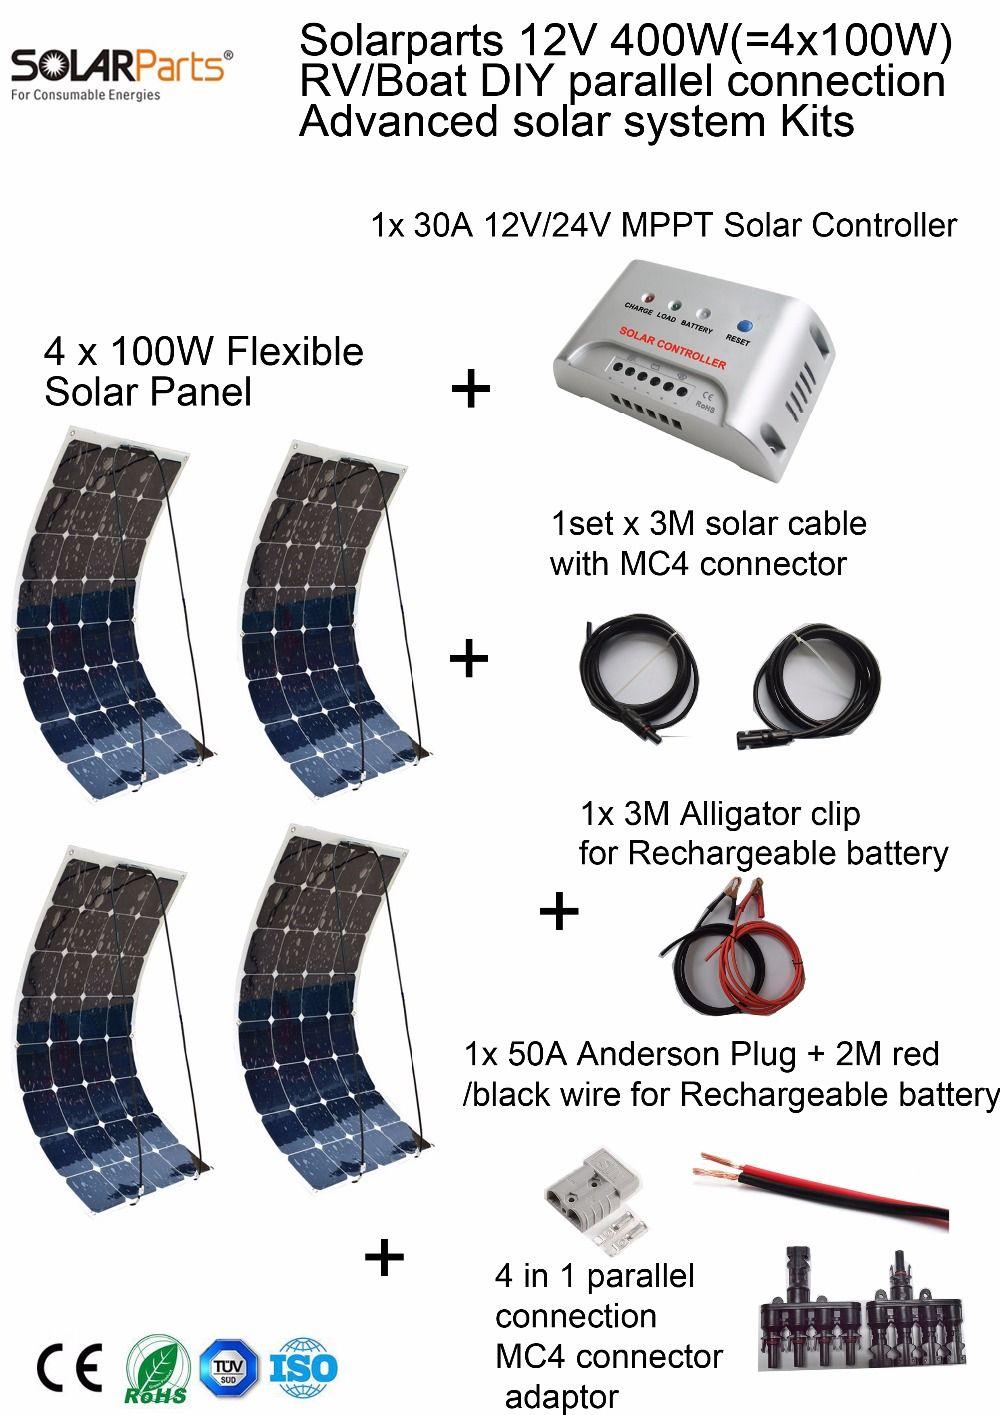 Solarparts 400 Вт DIY RV/морской Наборы Солнечный Системы 4X100 Вт гибкие солнечные панели 12 В, 1 x30a MPPT контроллер Набор кабелей недорого.